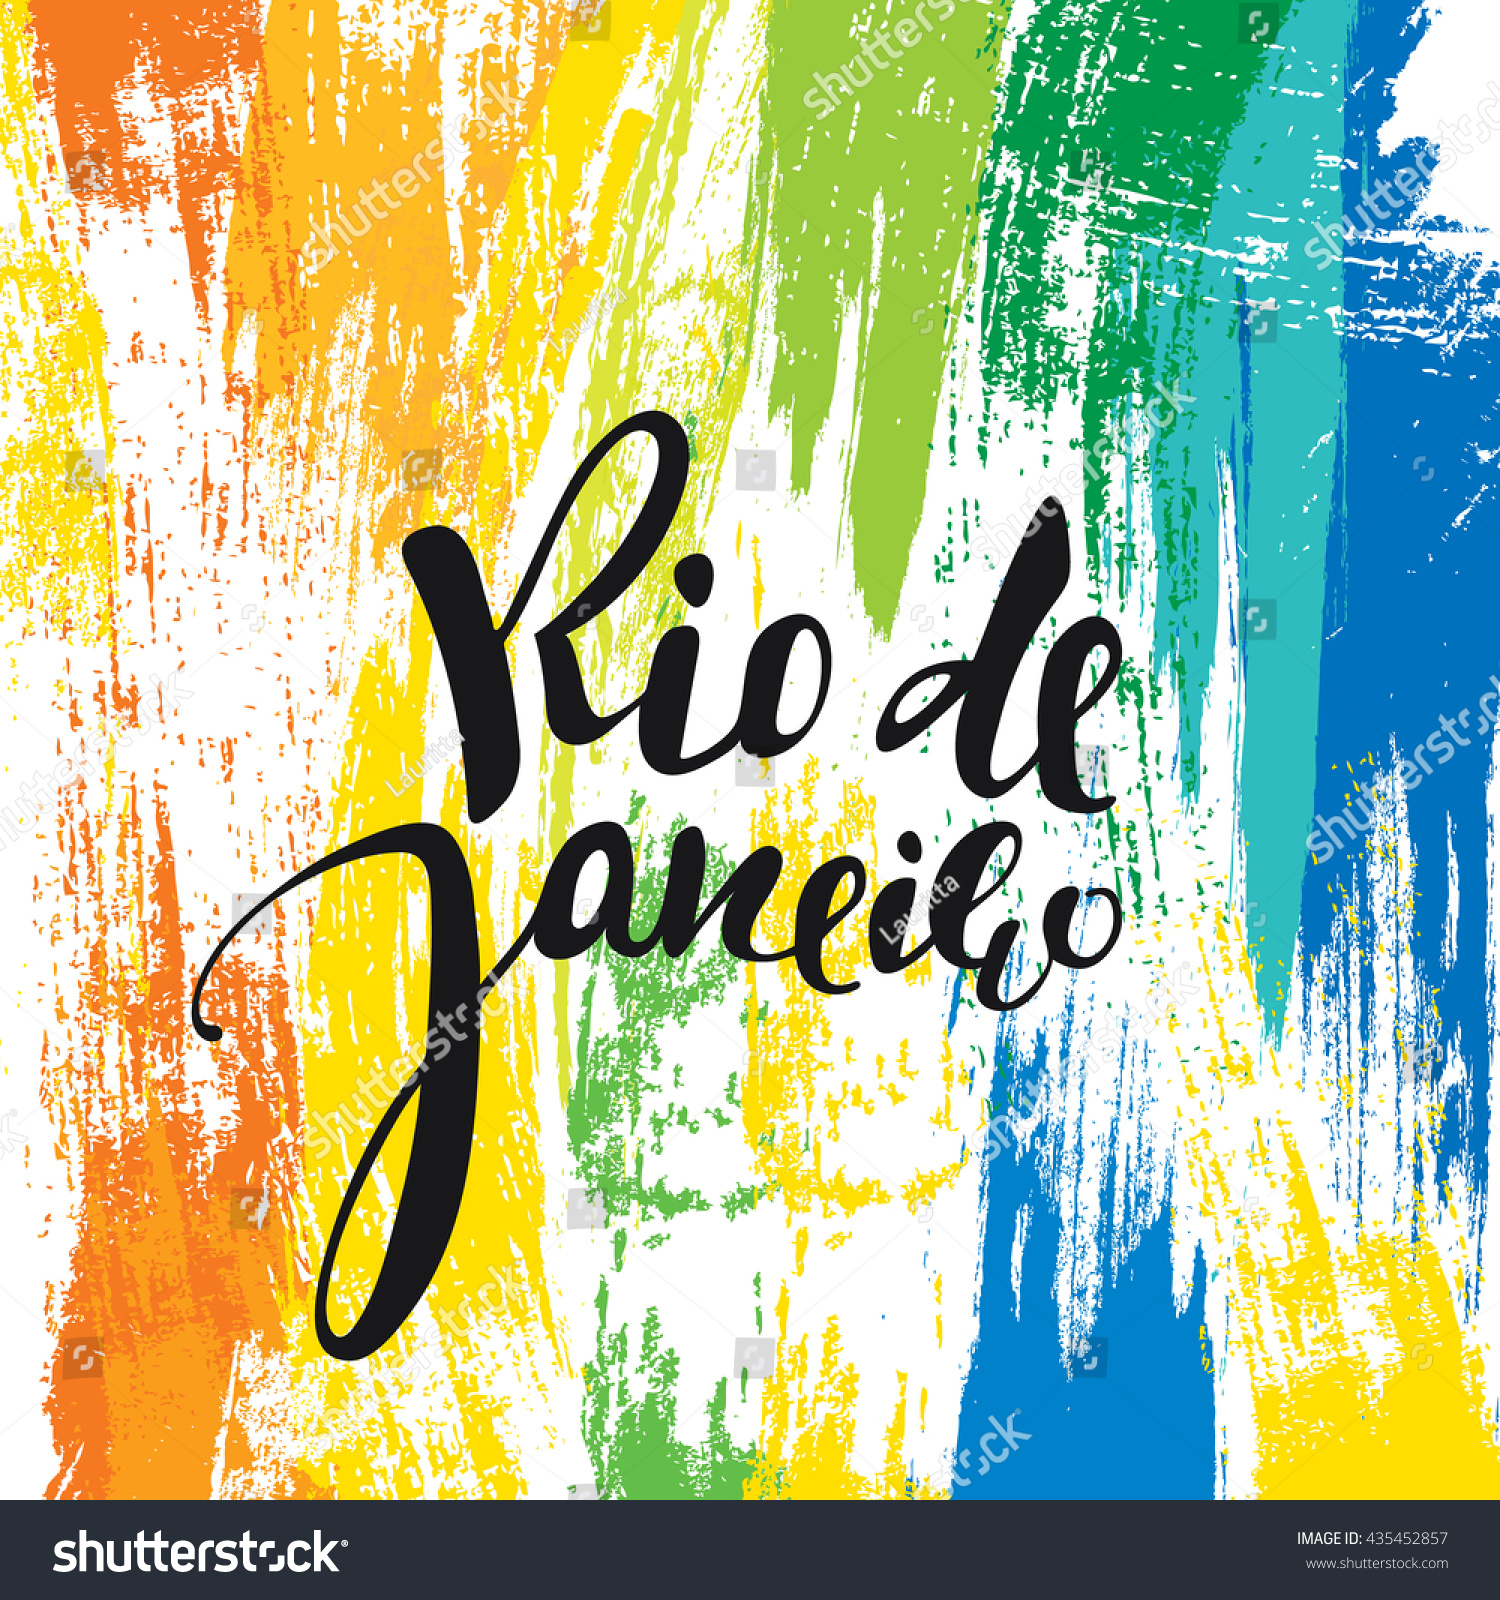 Handmade watercolor brazil flag brasil stock photos freeimages com - Rio De Janeiro Inscription Background Colors Of The Brazilian Flag Calligraphy Handmade Greeting Cards